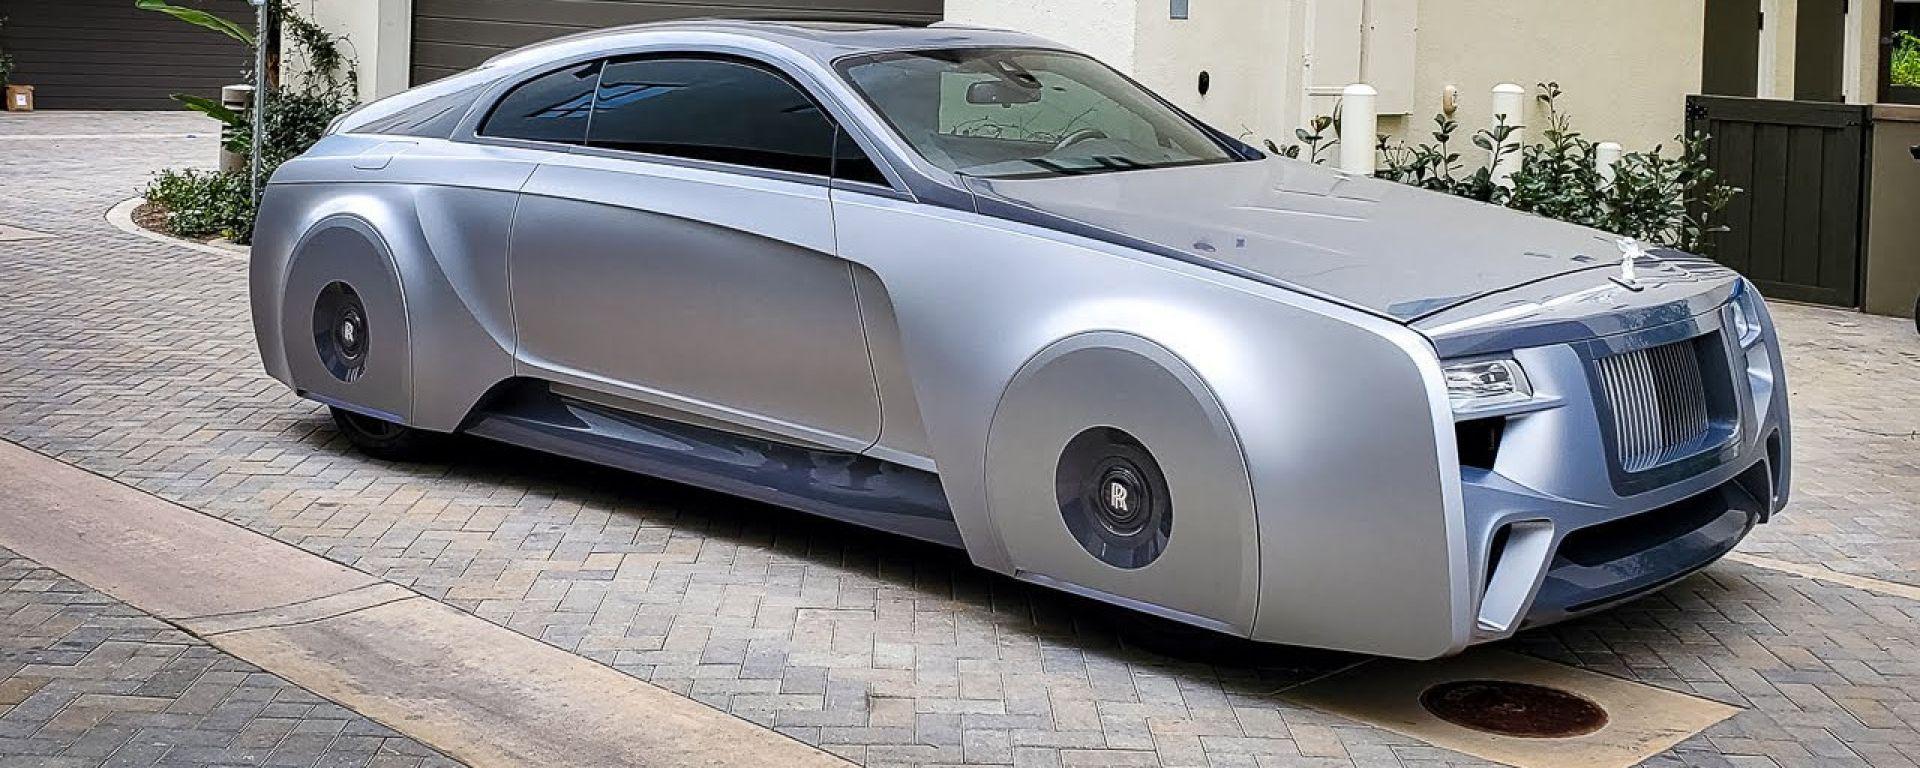 Justin Bieber e la Rolls-Royce Wraith futuristica: il video